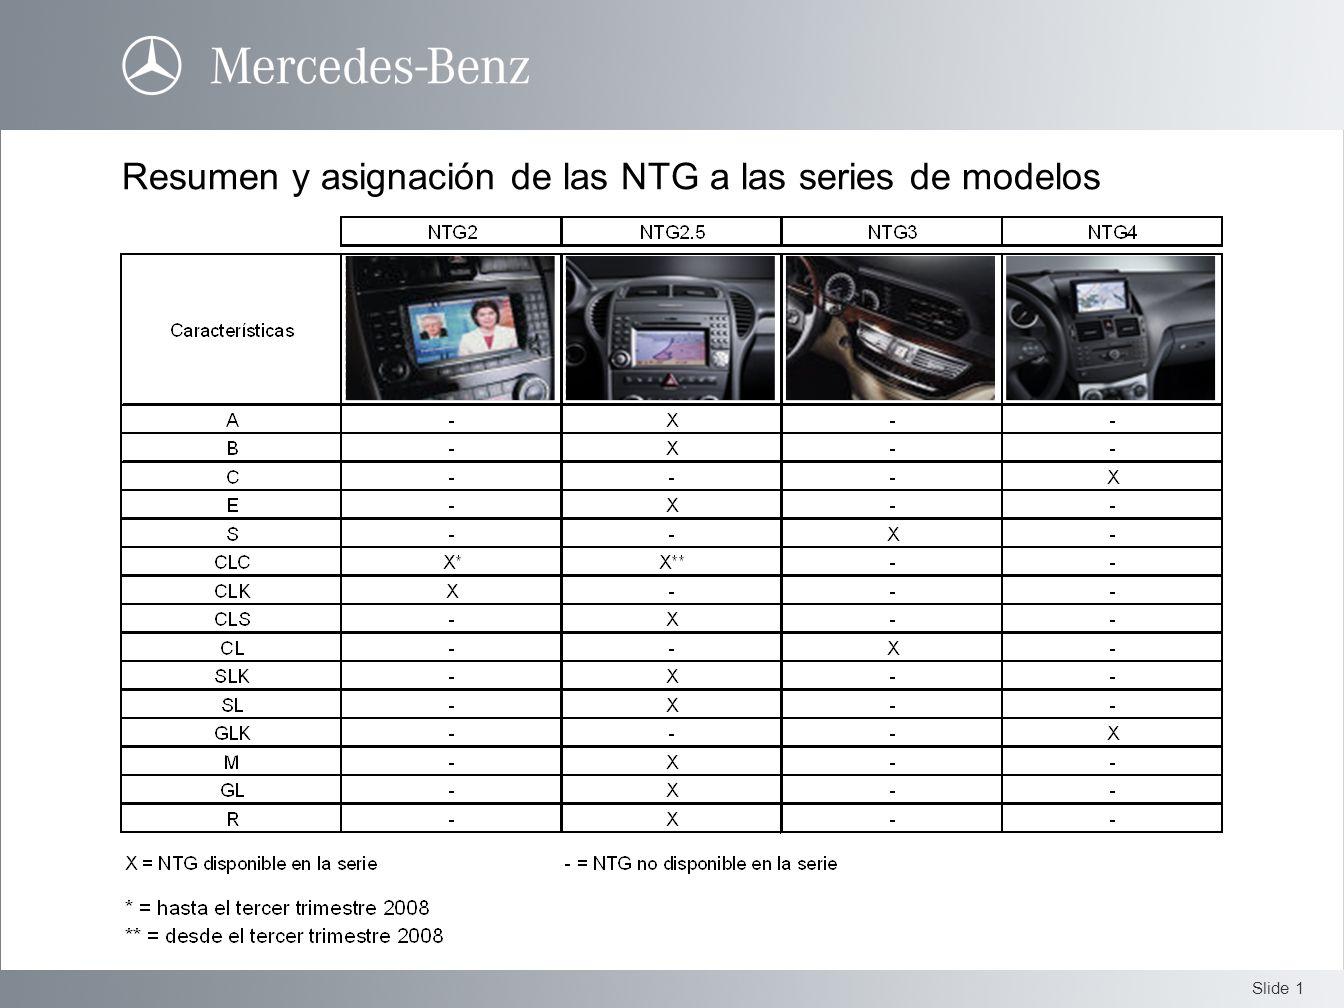 Resumen y asignación de las NTG a las series de modelos